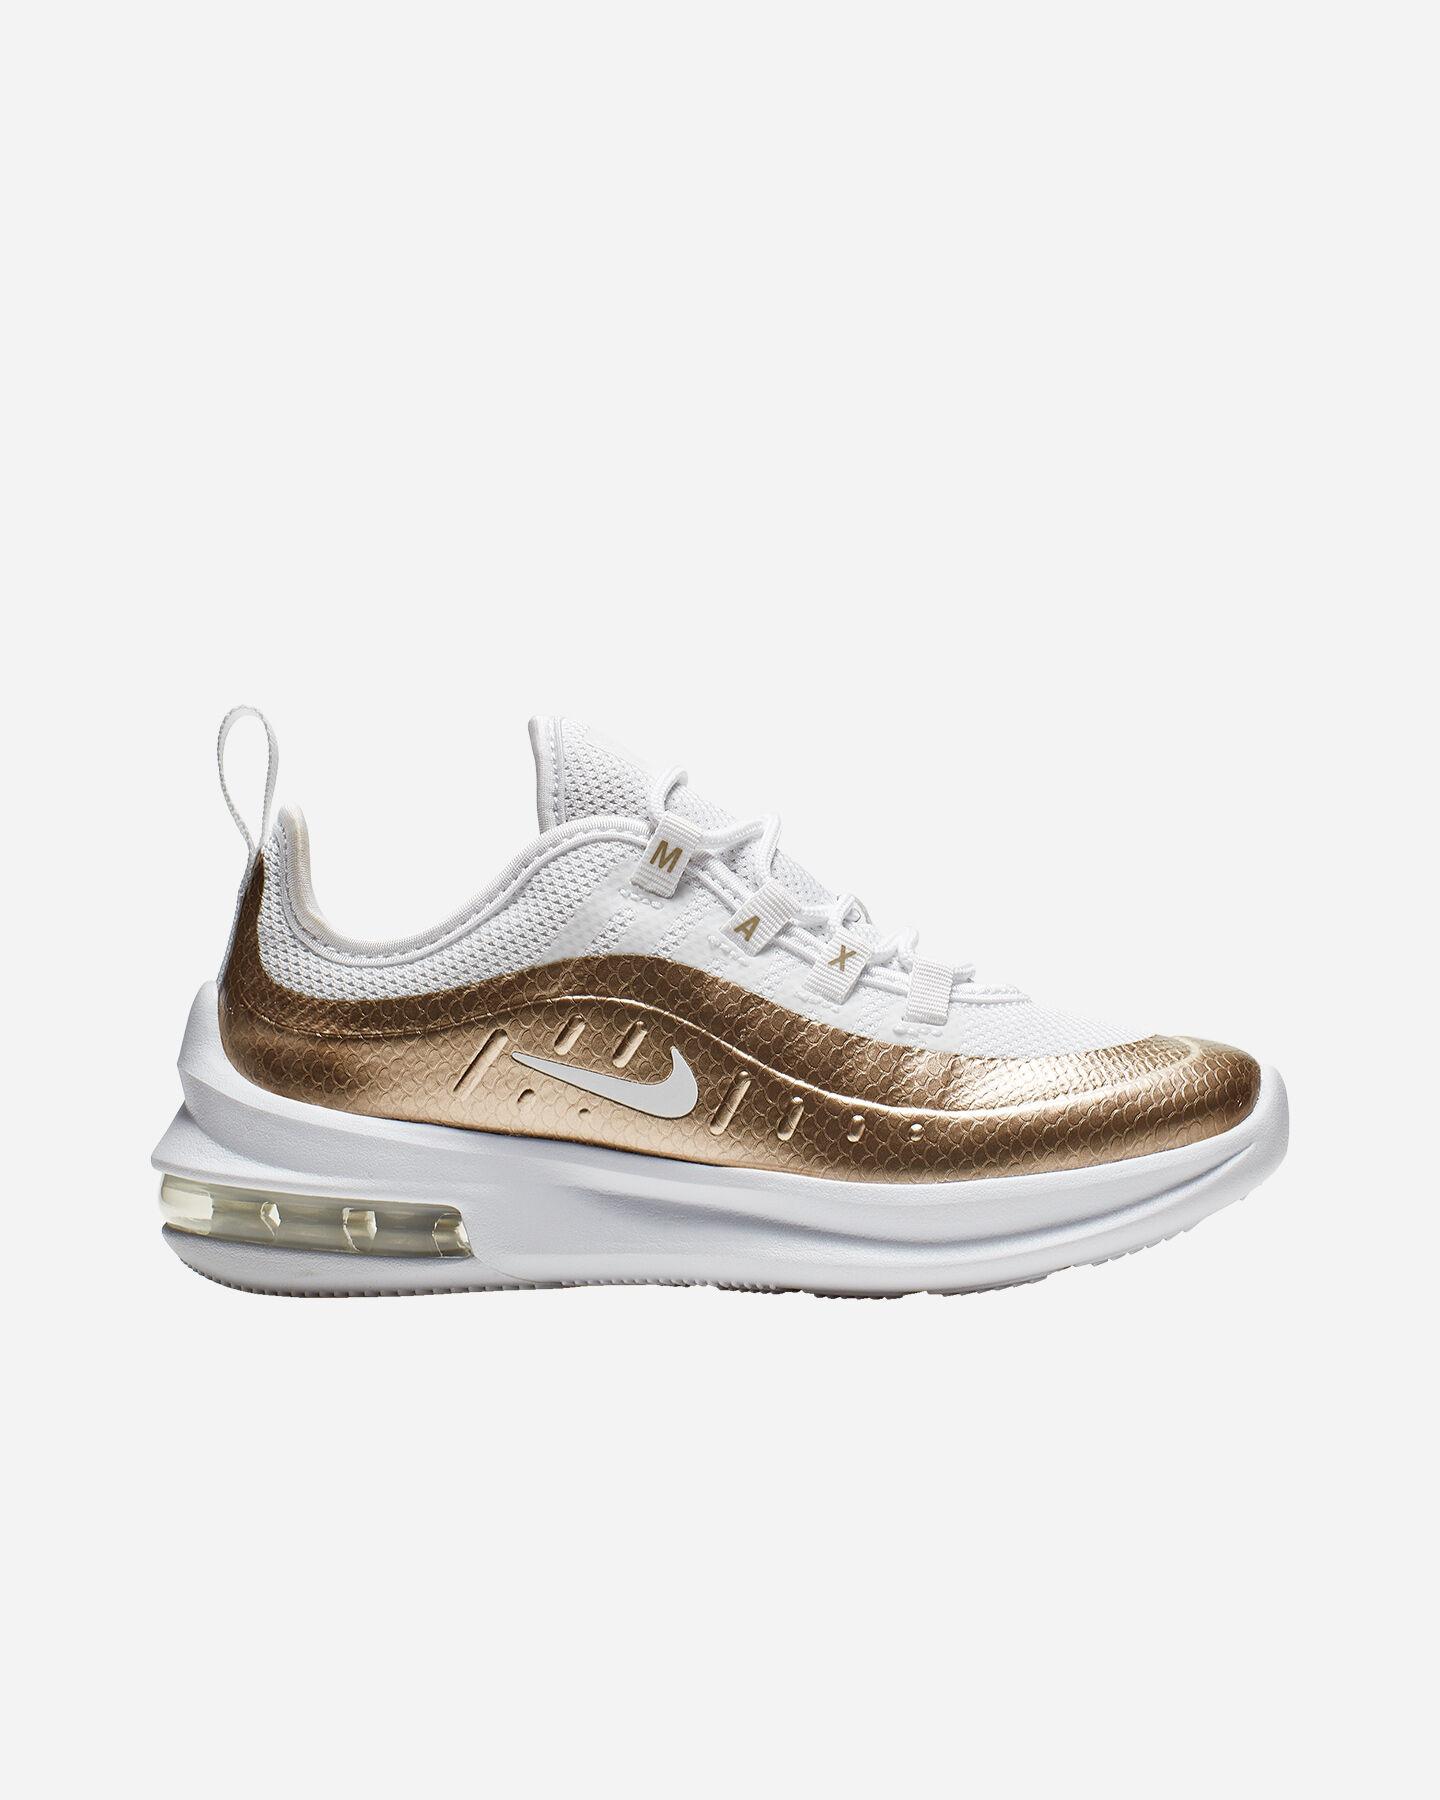 scarpe bambino 34 ginnastica nike